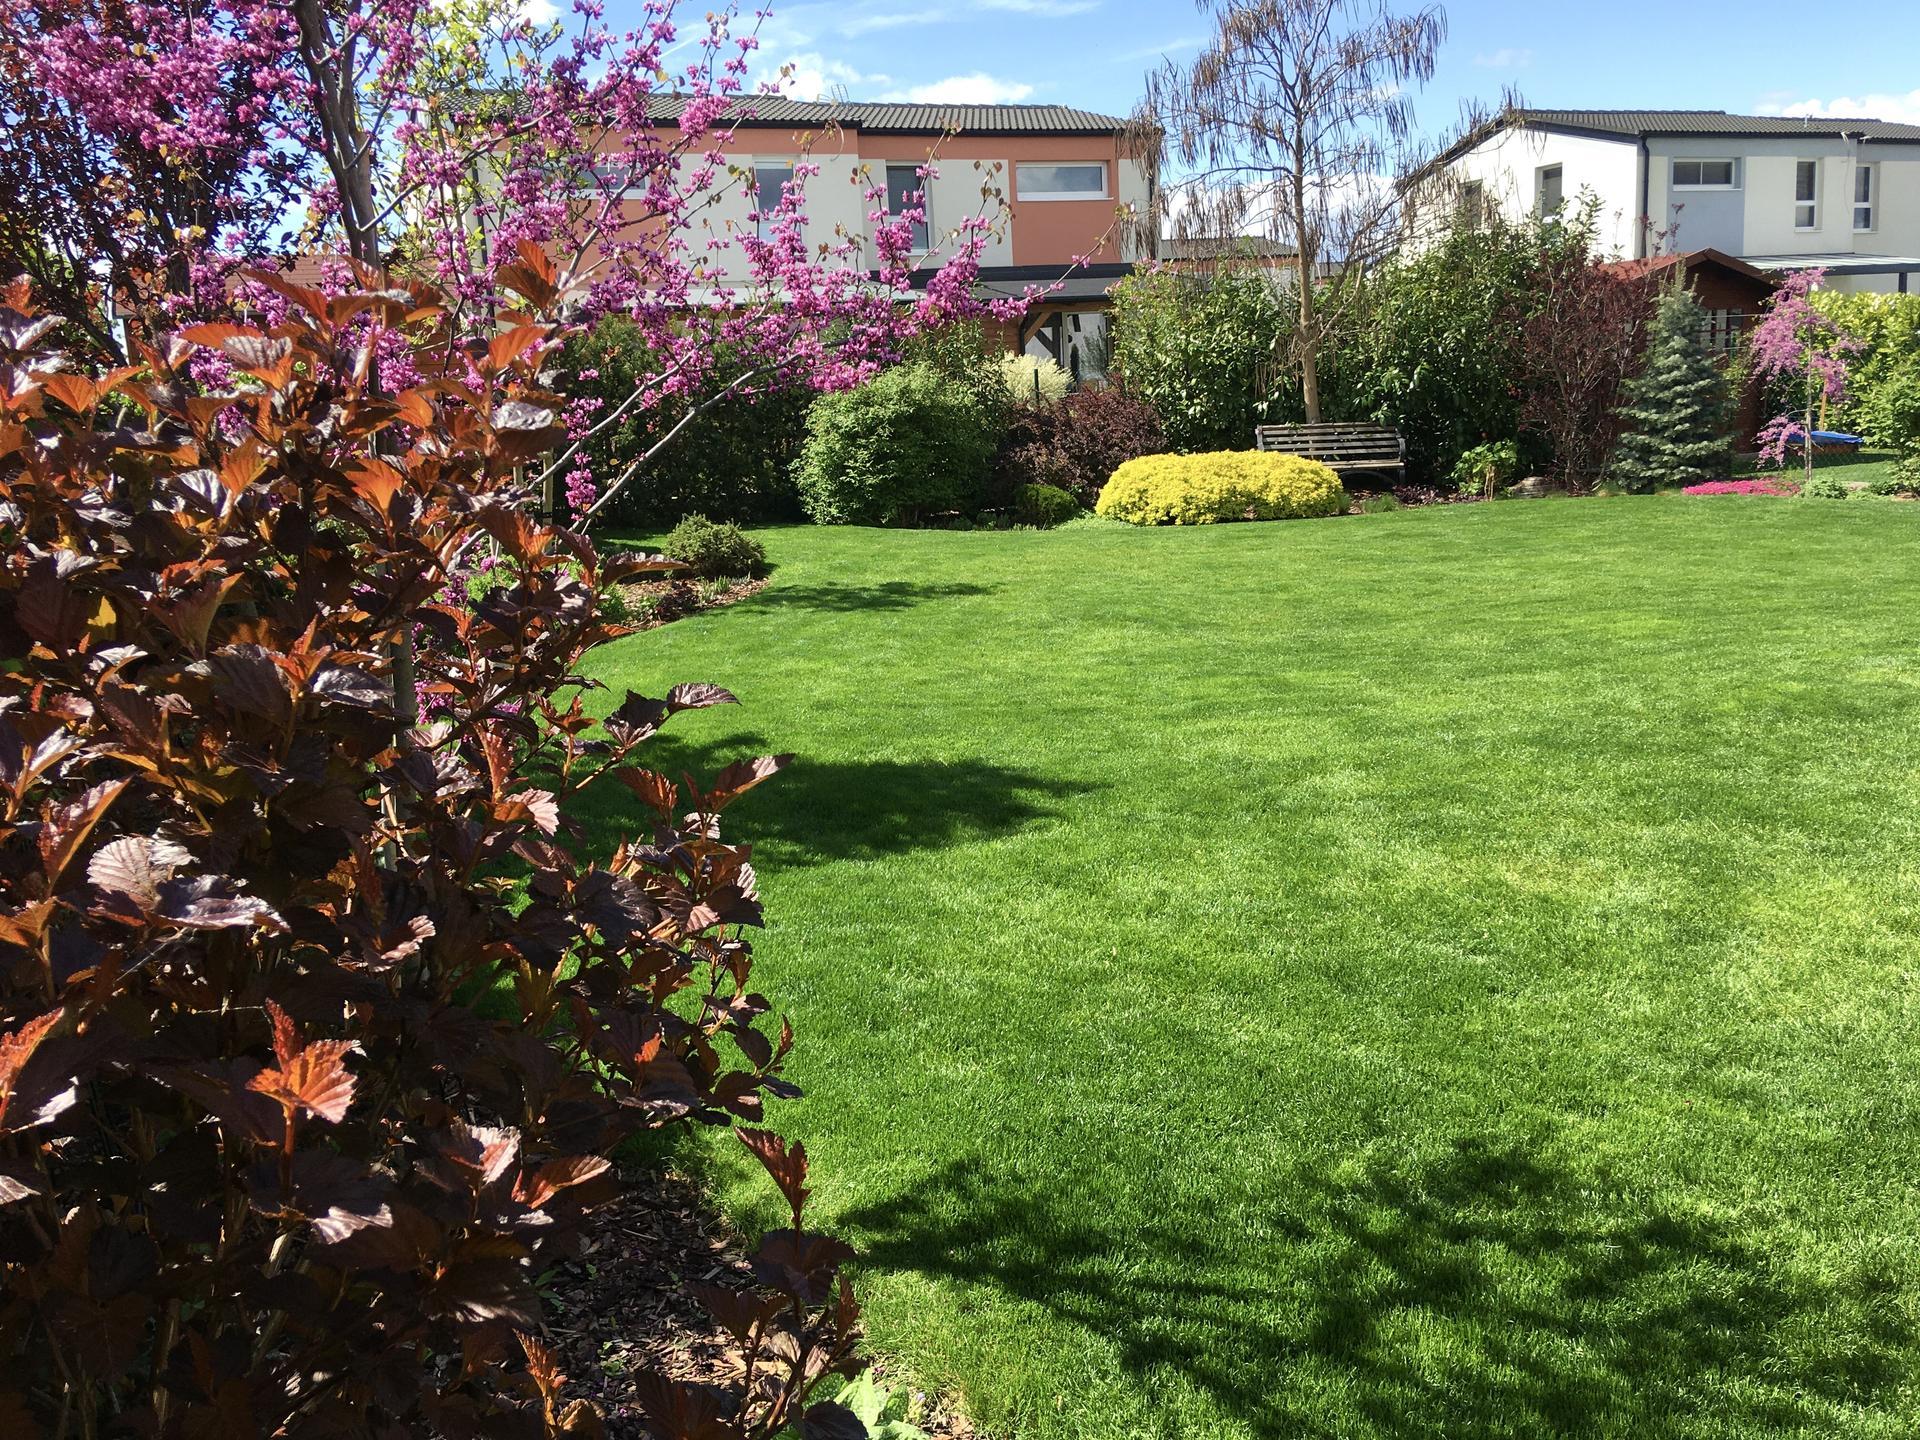 Zahrada 2020 - zelena je dobra 😃